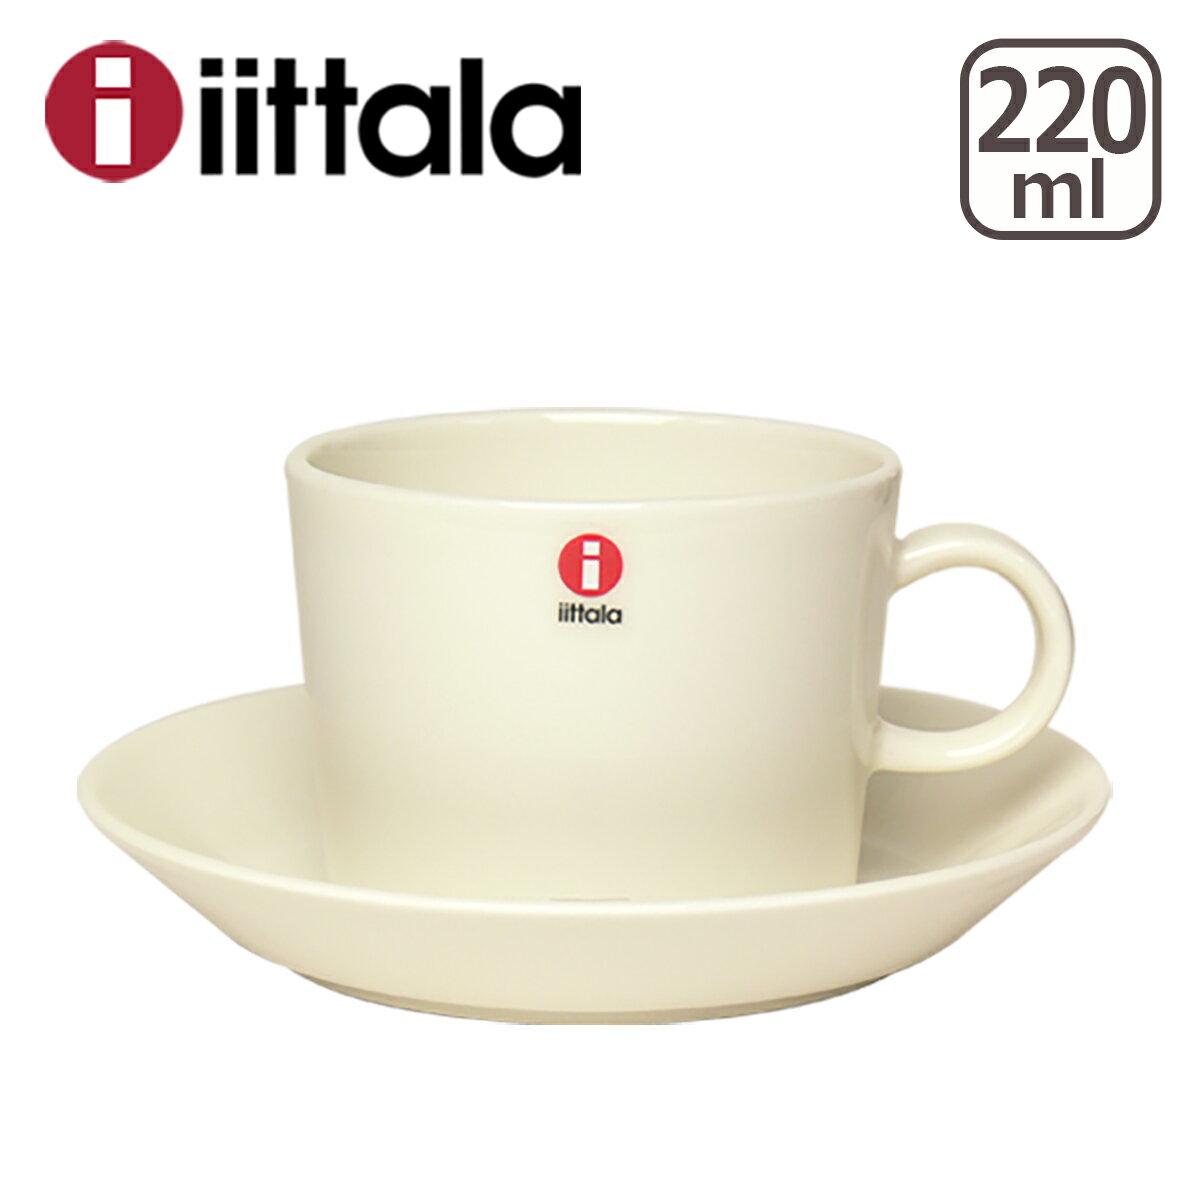 イッタラ iittala ティーマ (TEEMA) コーヒー カップ&ソーサーセット ホワイト マイカップ ita01-c001 北欧 フィンランド 食器 箱購入でギフト・のし可 GF3